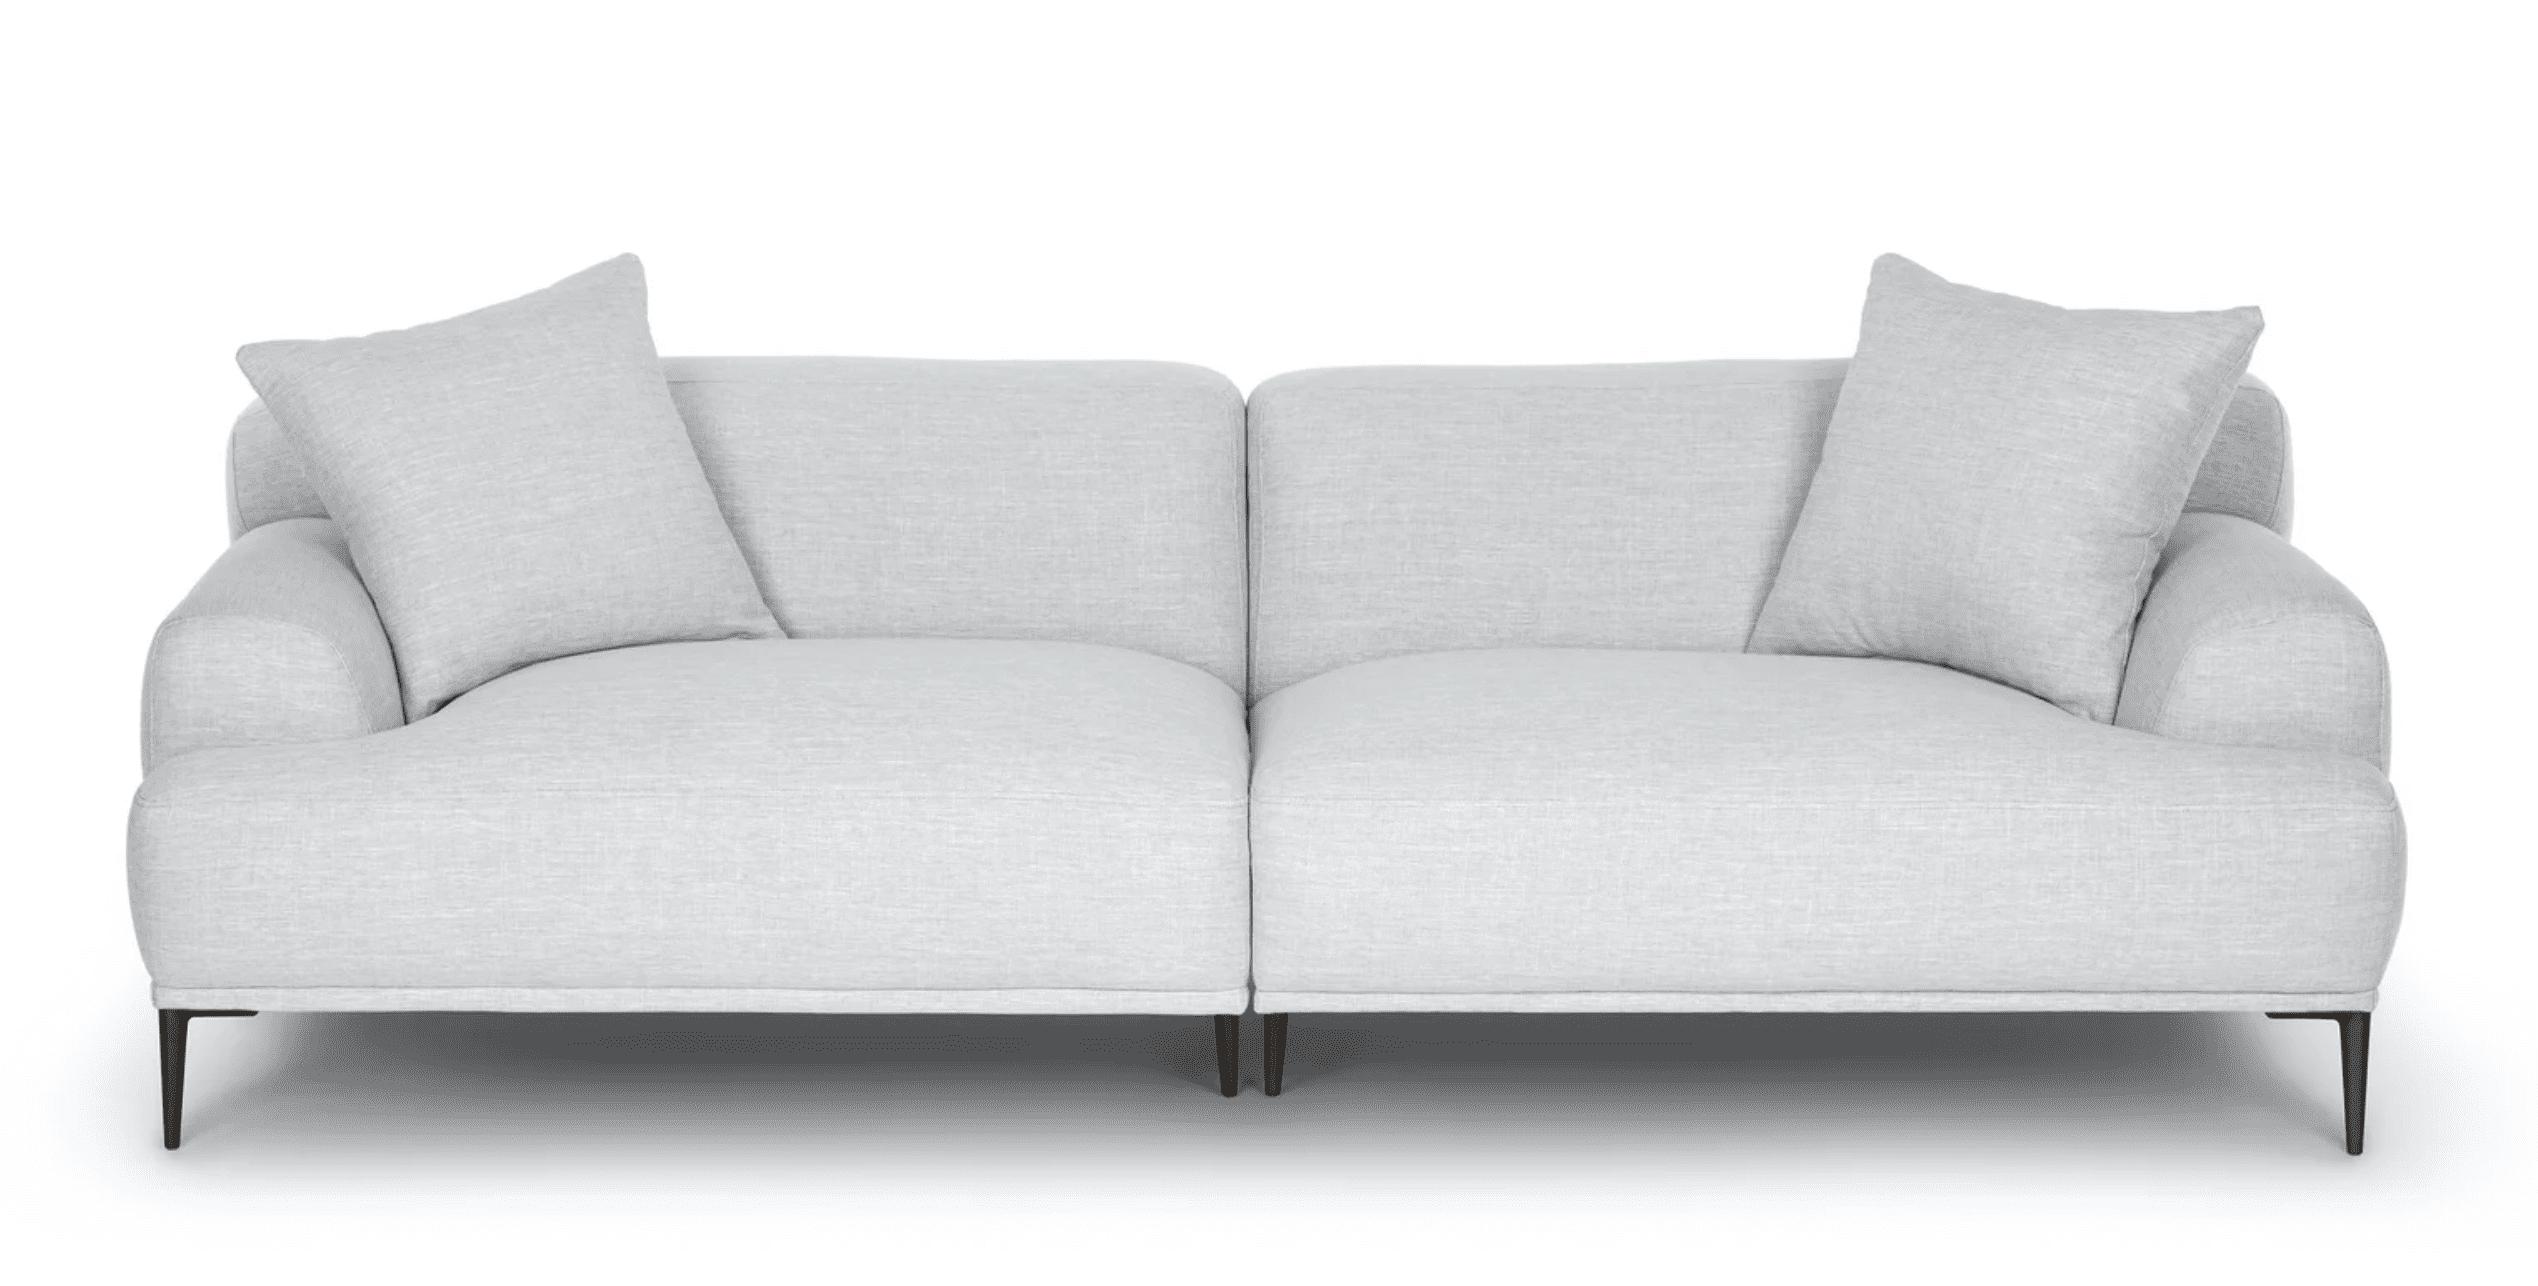 Abisko sofa in Mist Gray